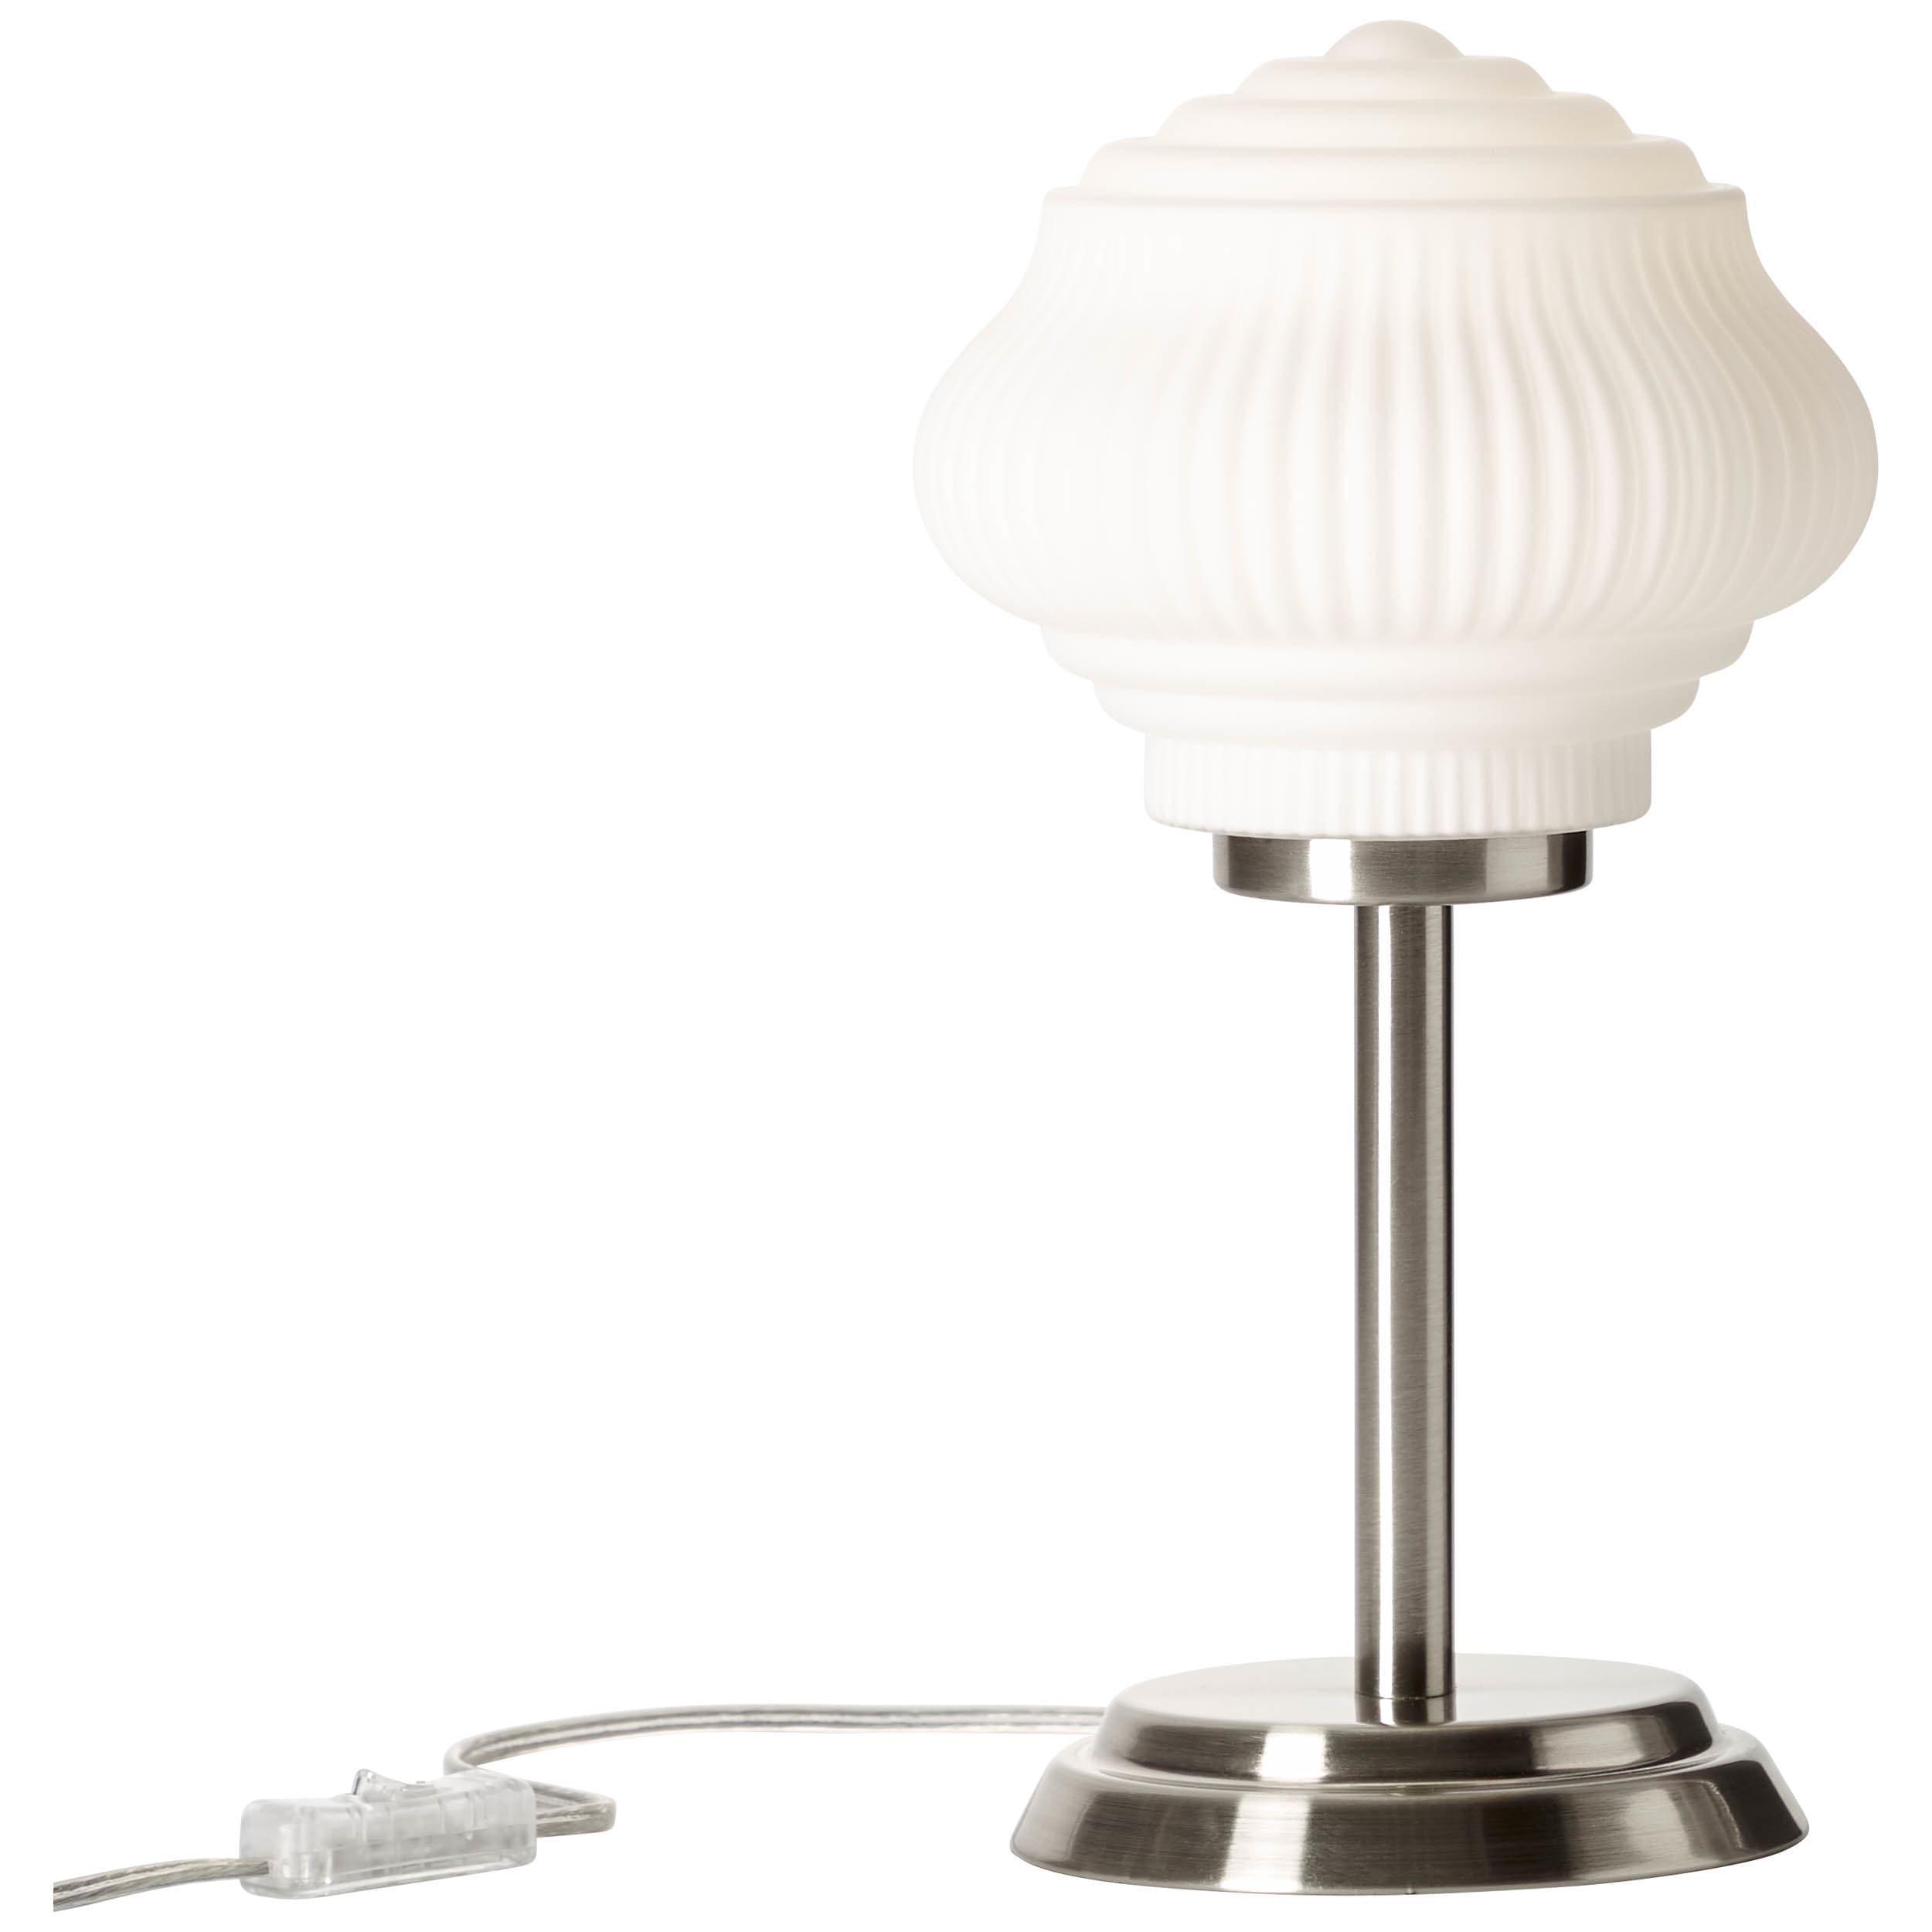 Brilliant Leuchten Tanic Tischleuchte nickel/matt weiß